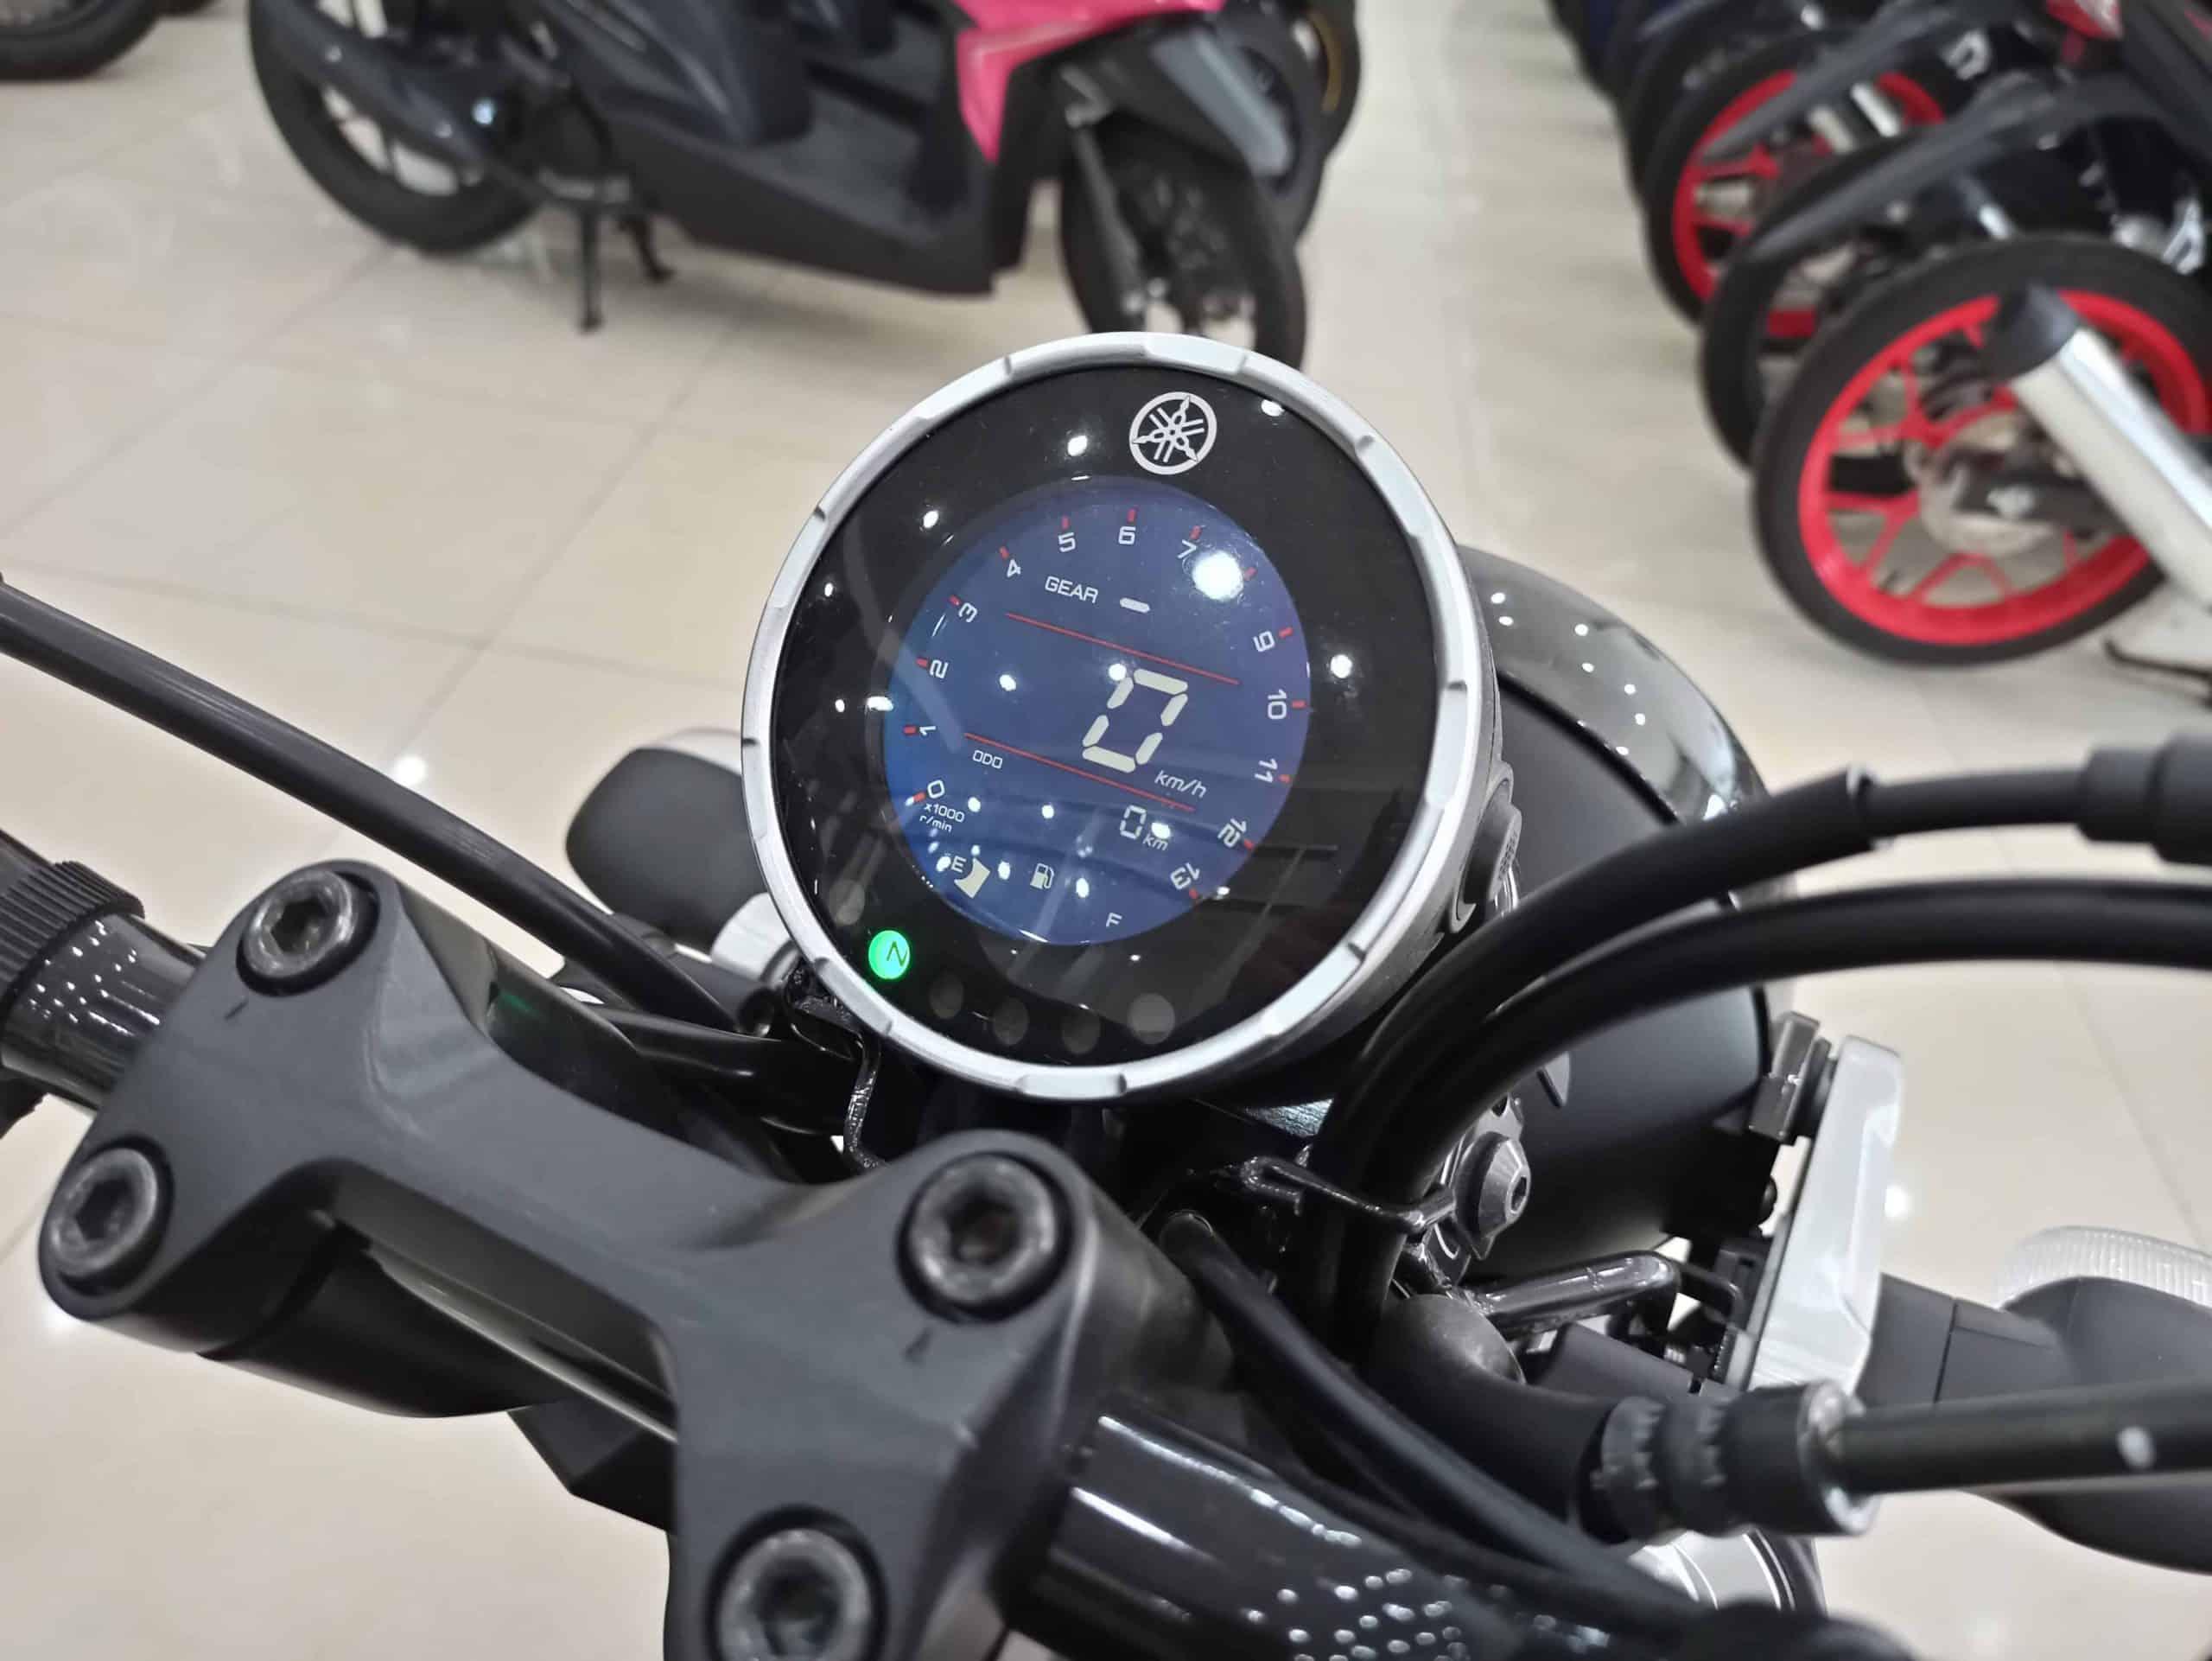 đồng hồ xe SXR 155 2020